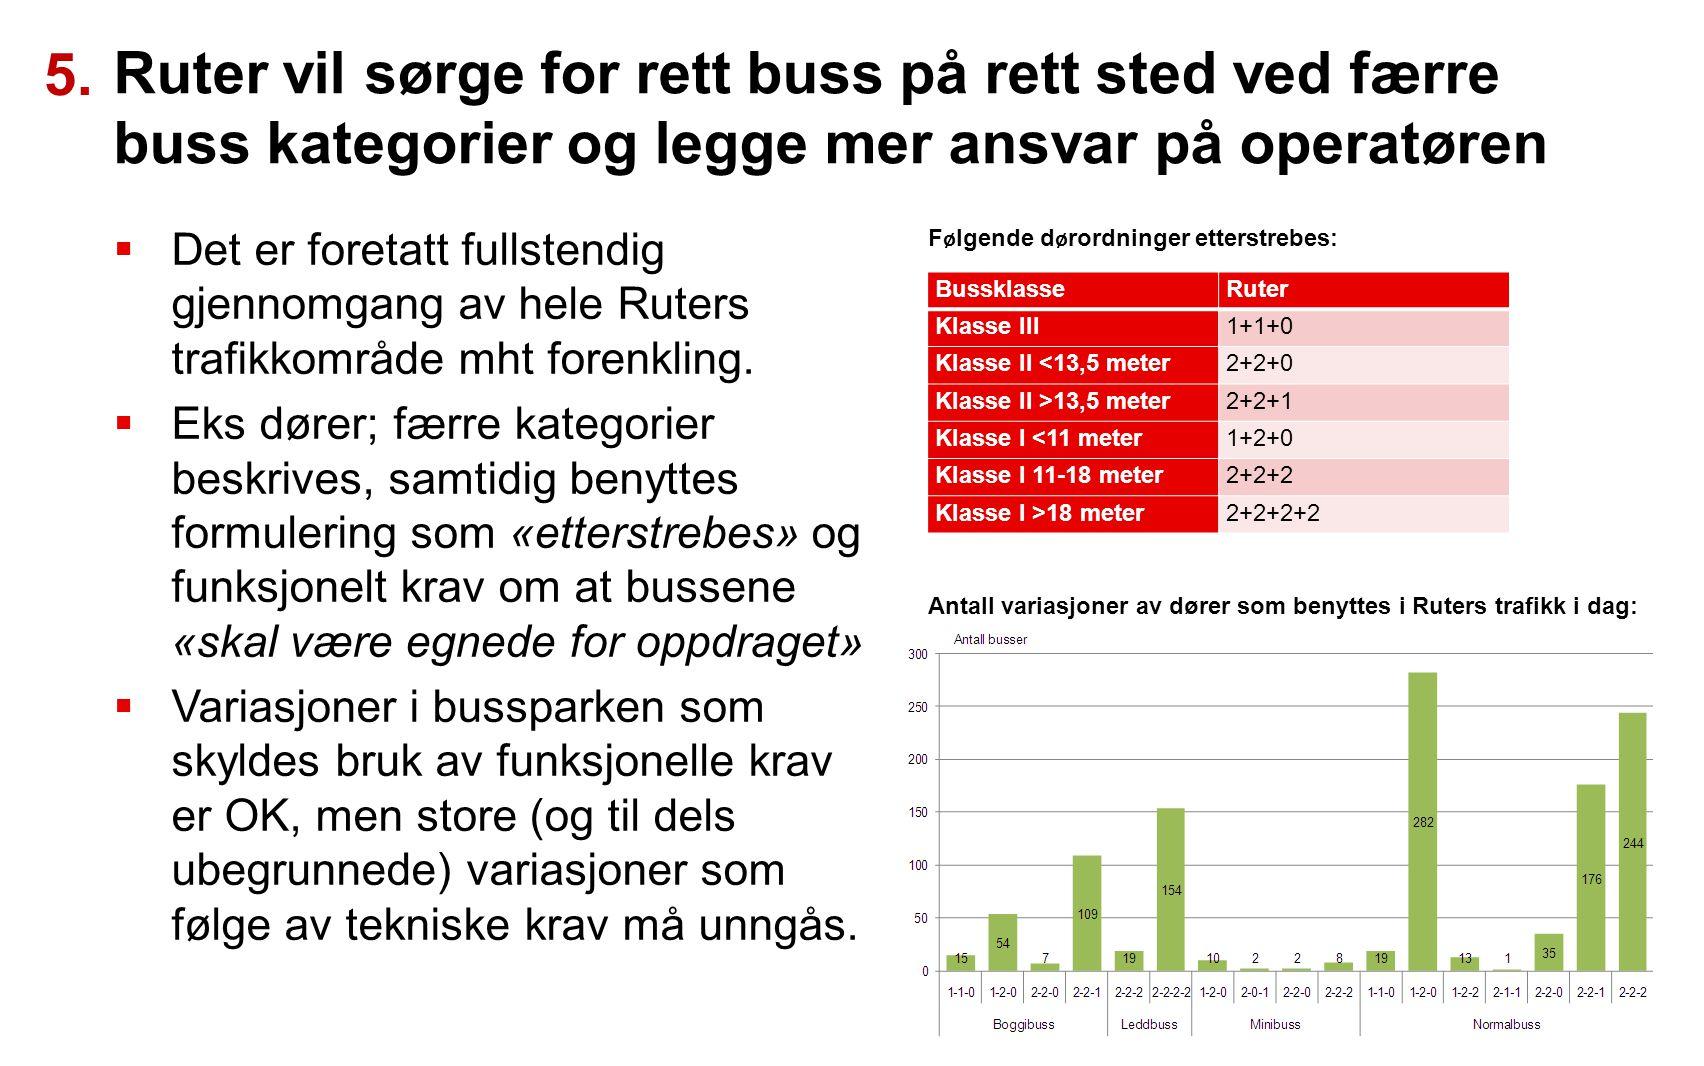 5. Ruter vil sørge for rett buss på rett sted ved færre buss kategorier og legge mer ansvar på operatøren.